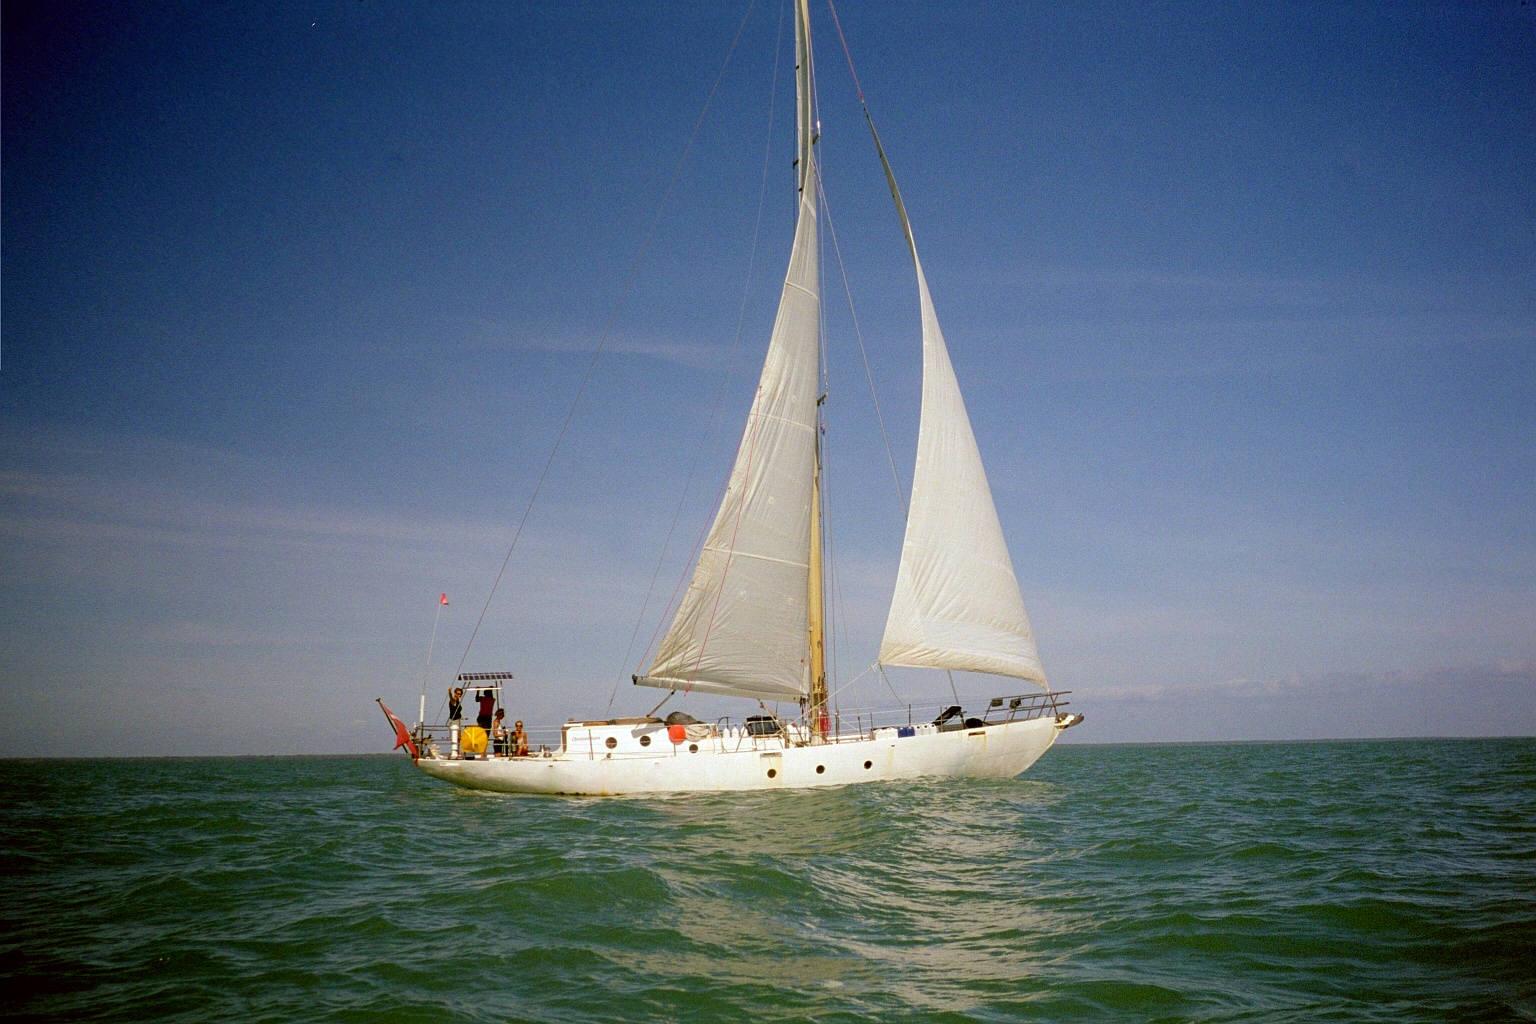 navngivning af båd